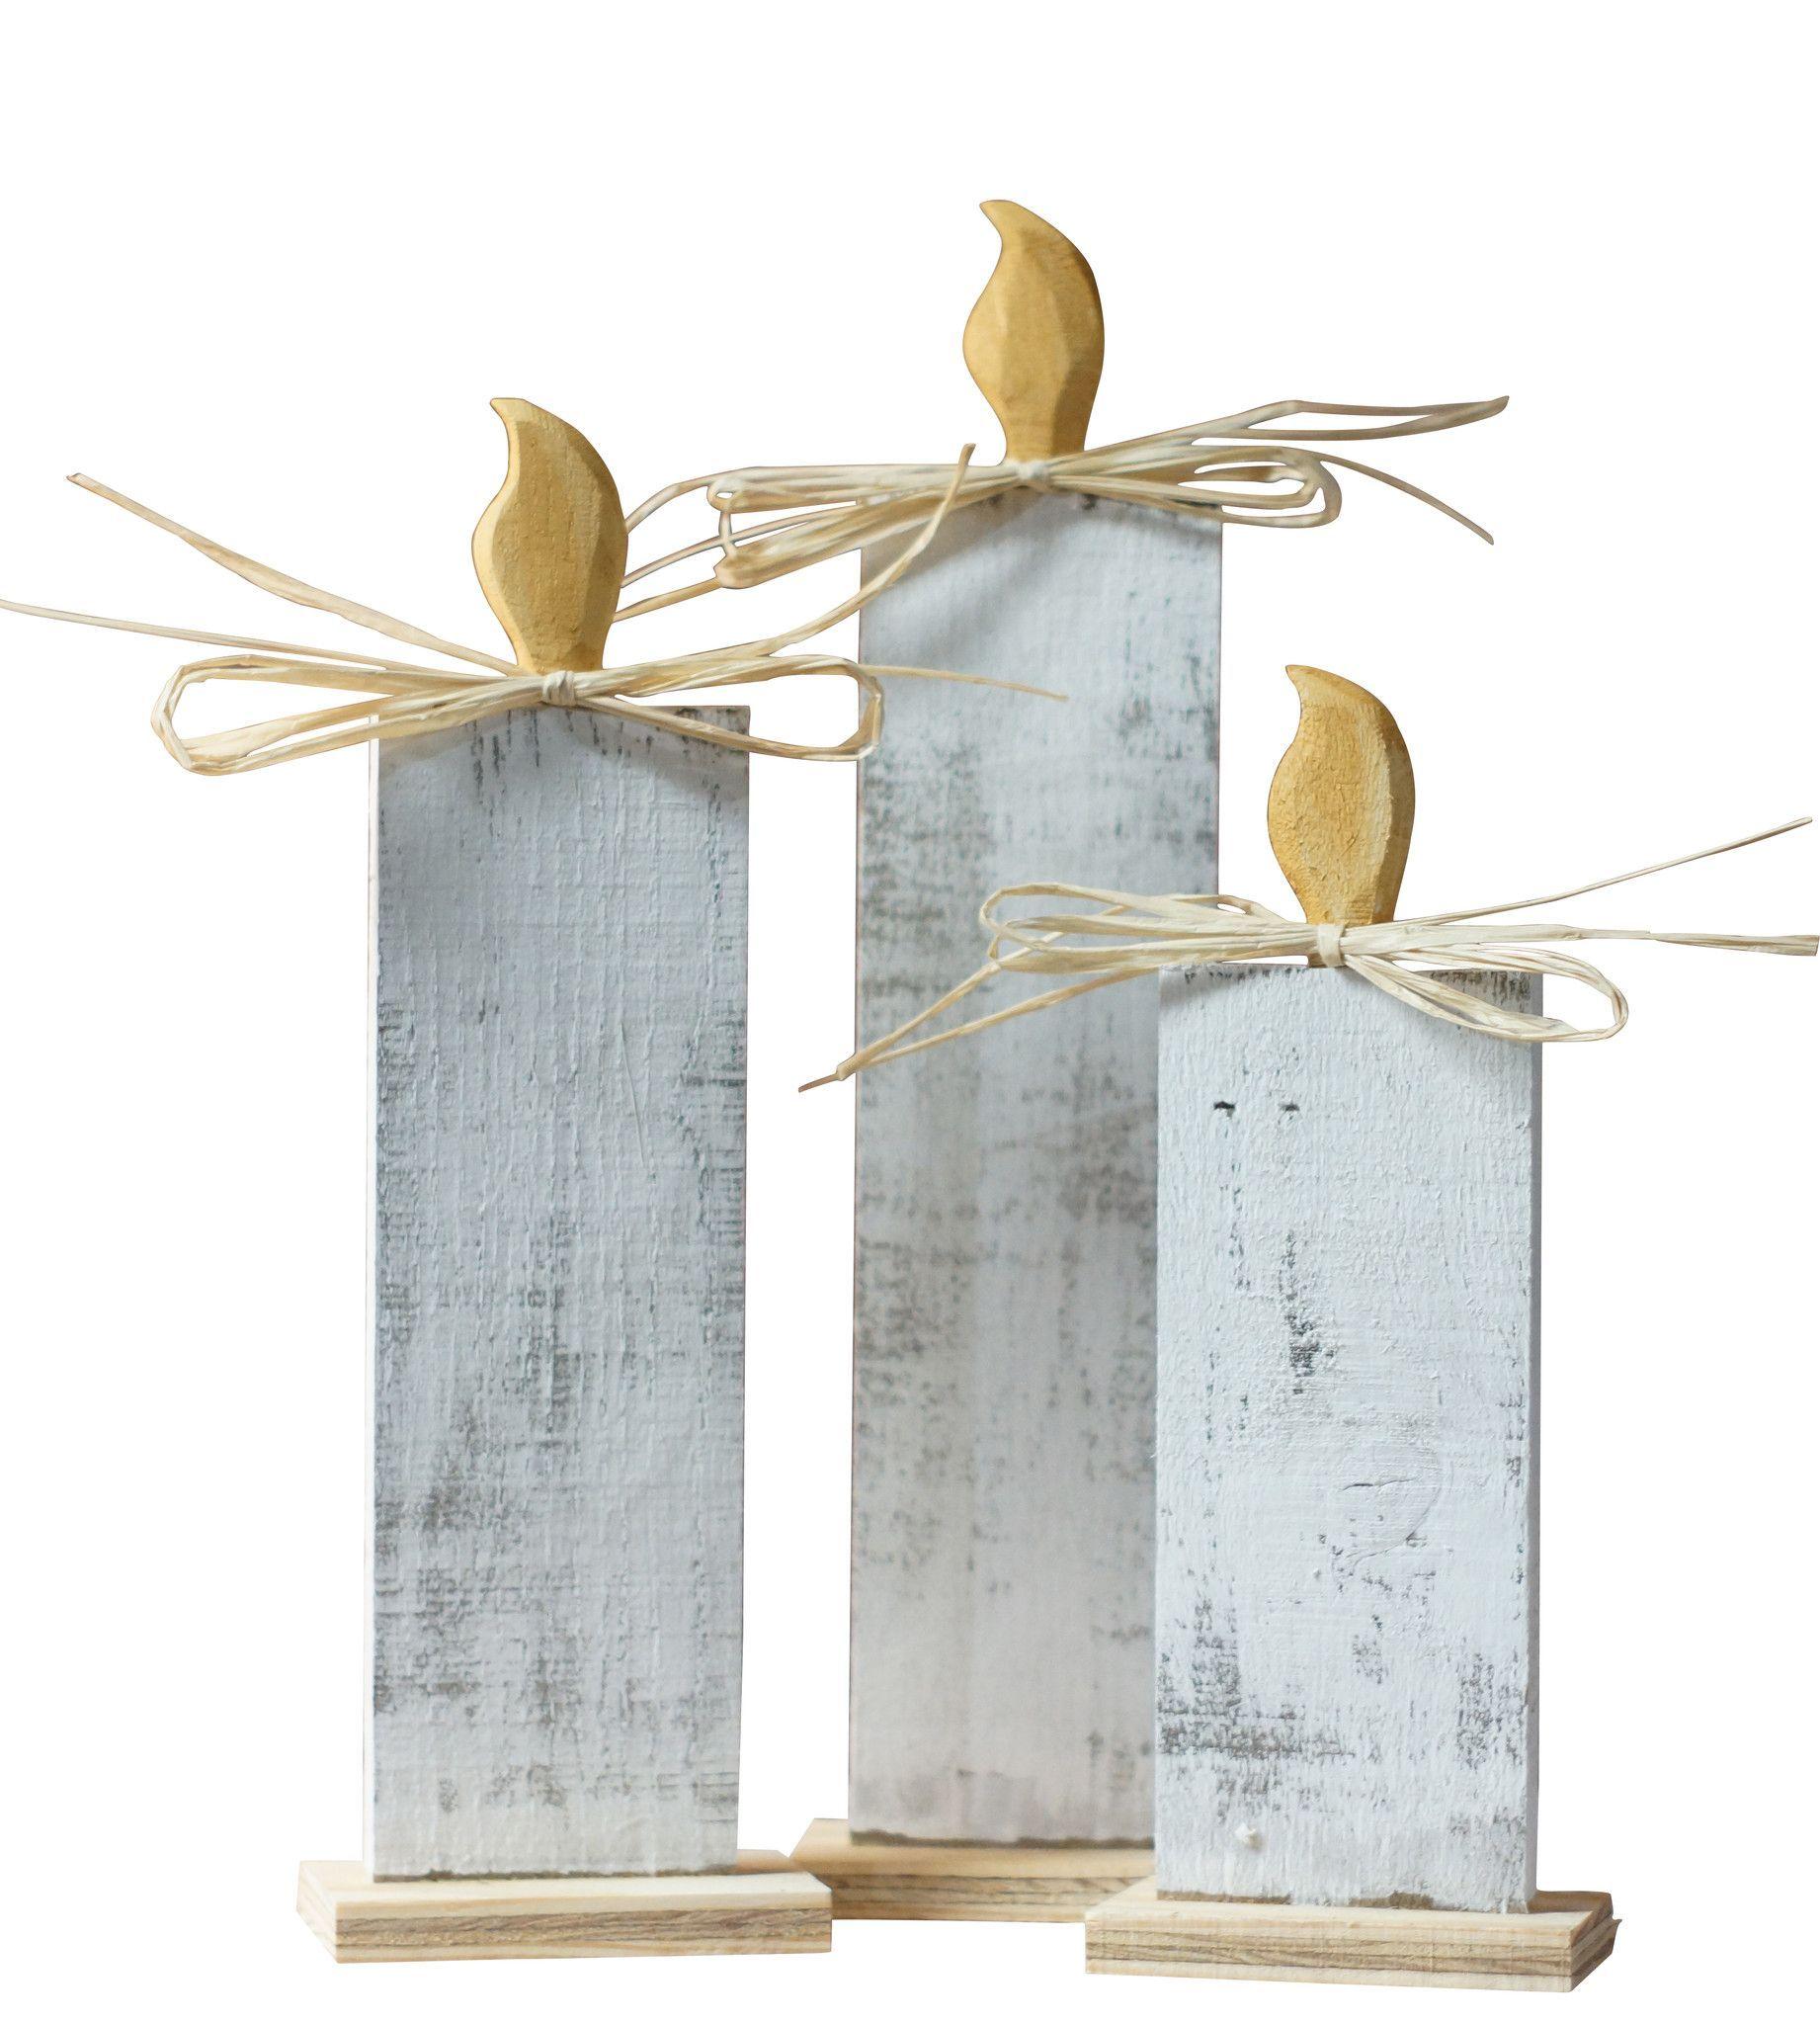 Wood christmas candles rustic christmas decor decoraÇÕes de